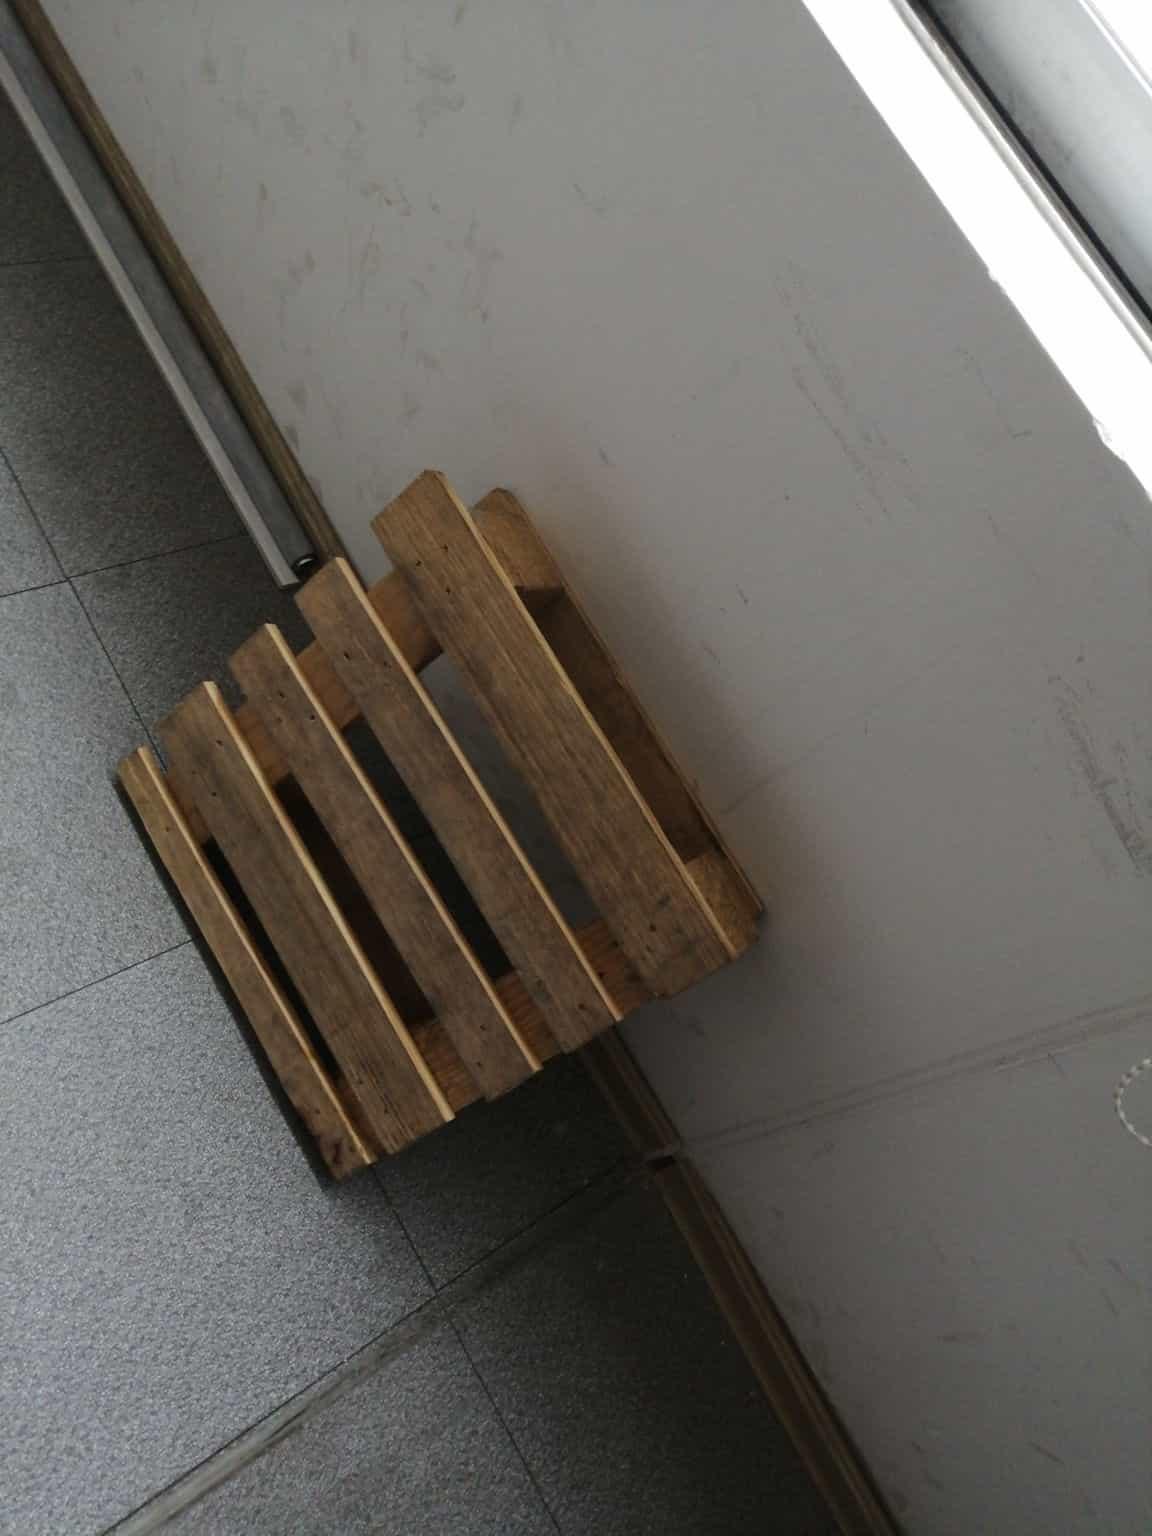 �,♪▷⇃㉿�头cad绘木托盘的�,↾‖ø%�势1.cad绘木托盘针对工程